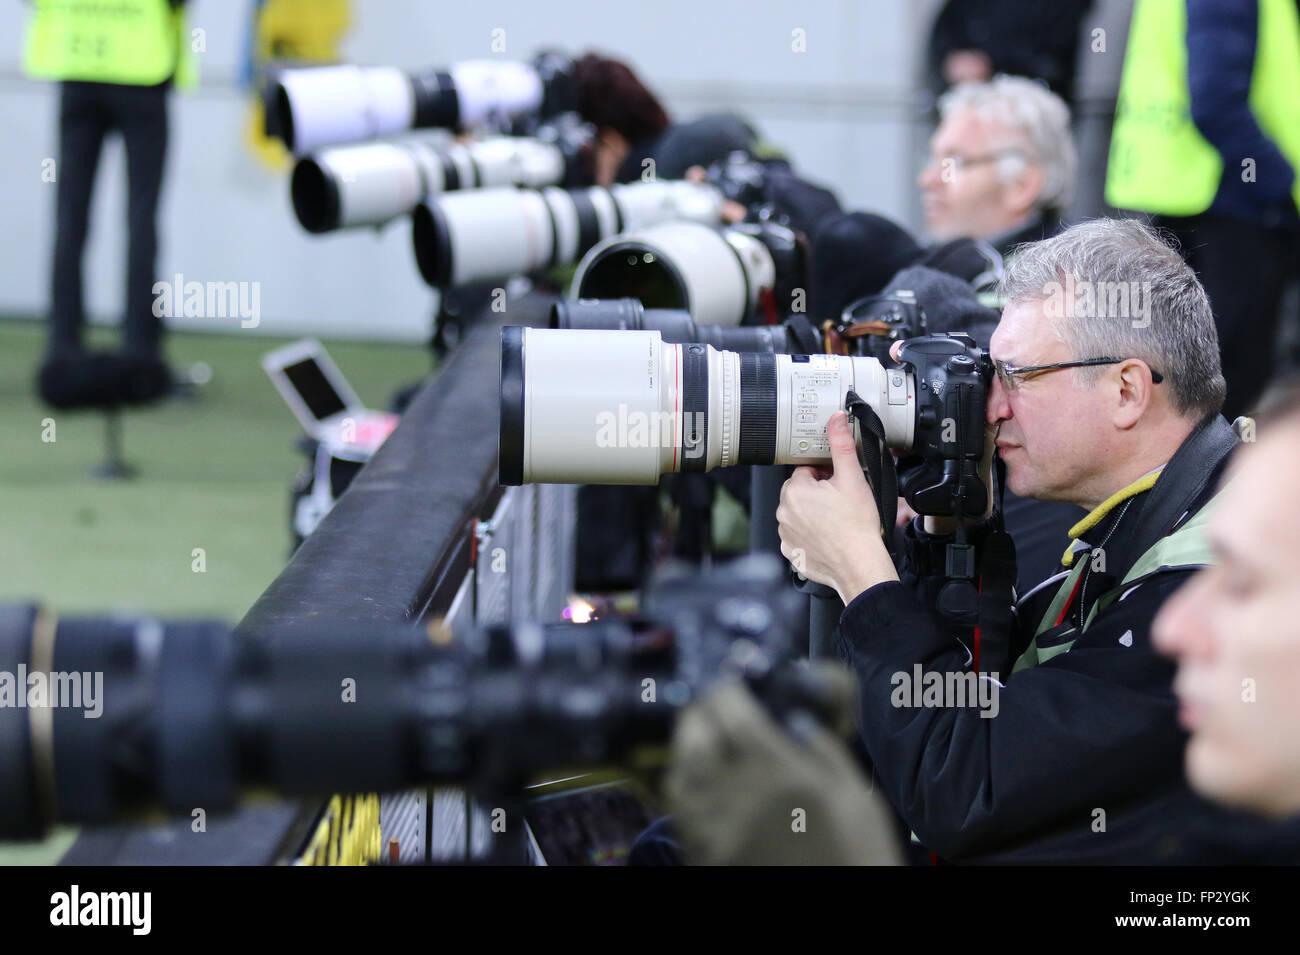 Fussball Fotografen Zu Arbeiten Wahrend Der Uefa Europa